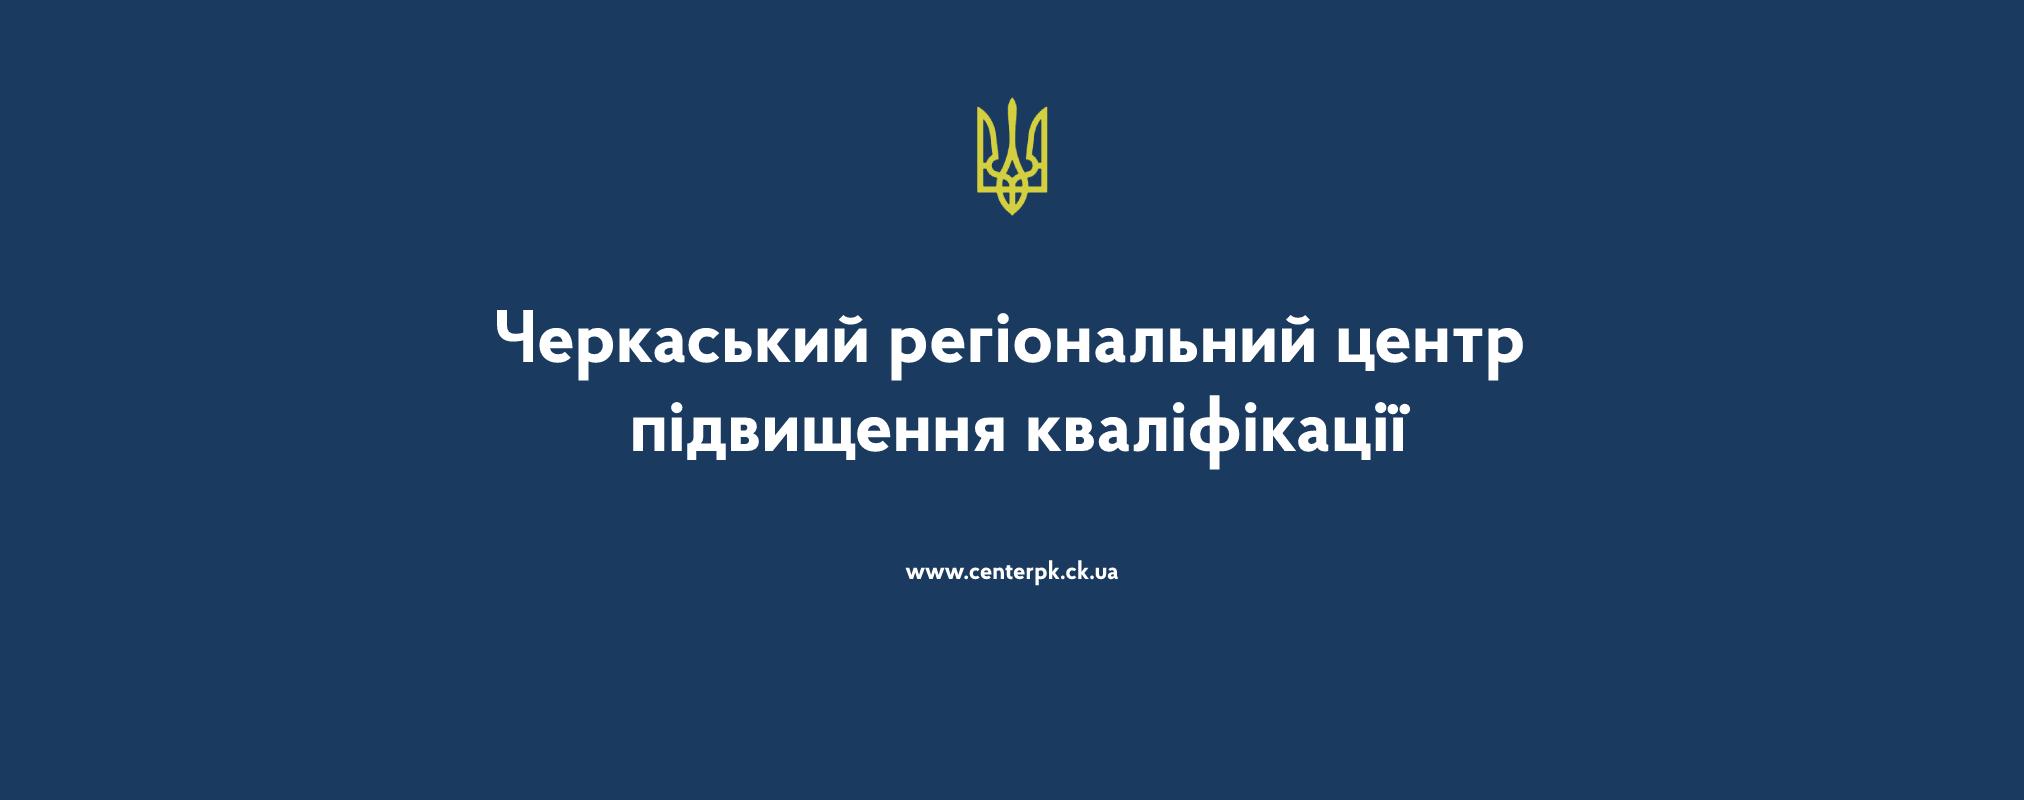 Черкаський регіональний центр підвищення кваліфікації